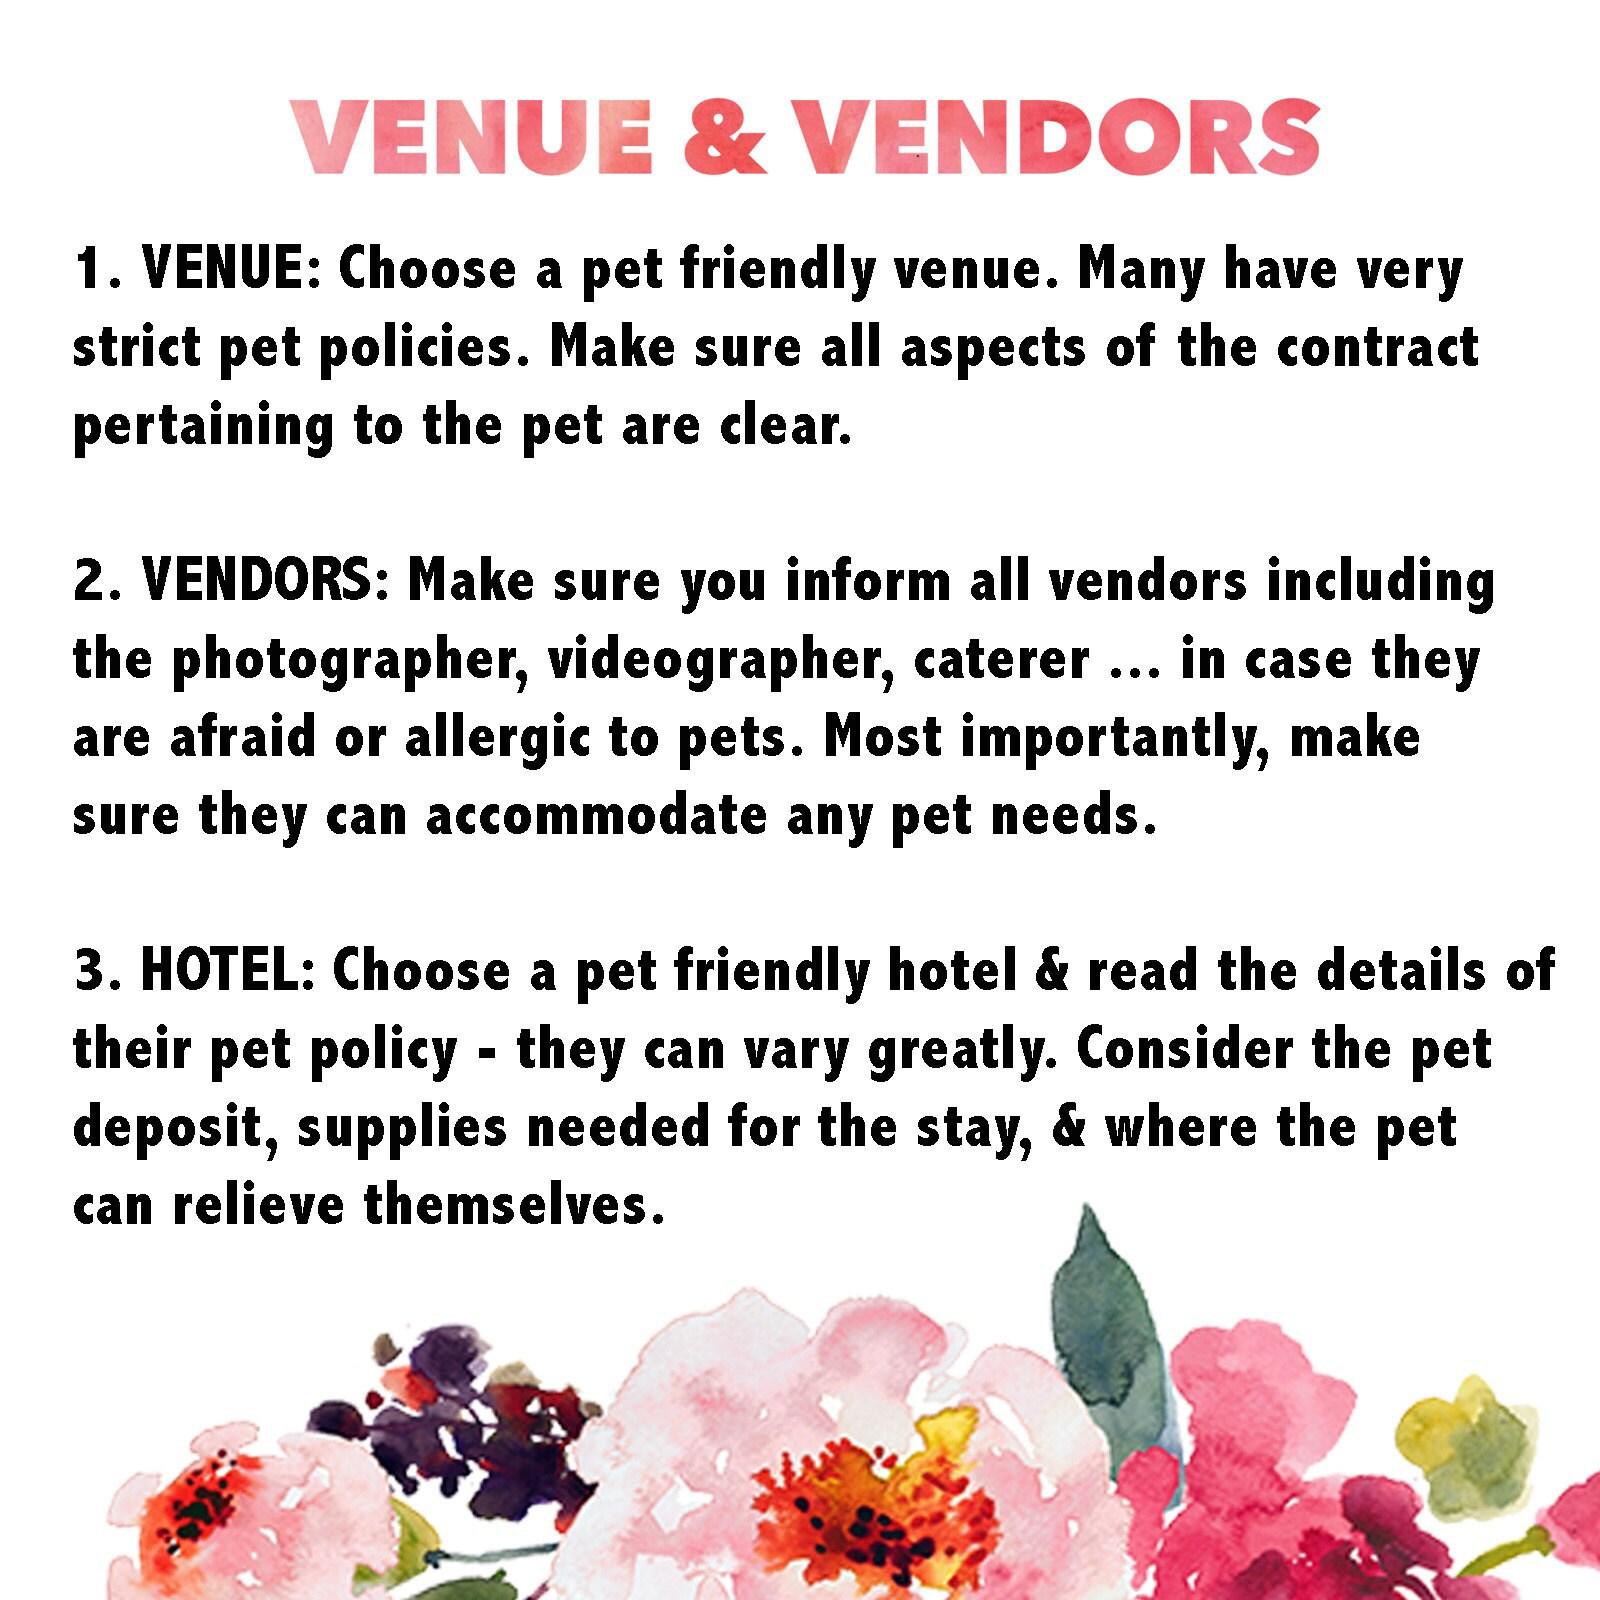 Venue & Vendors